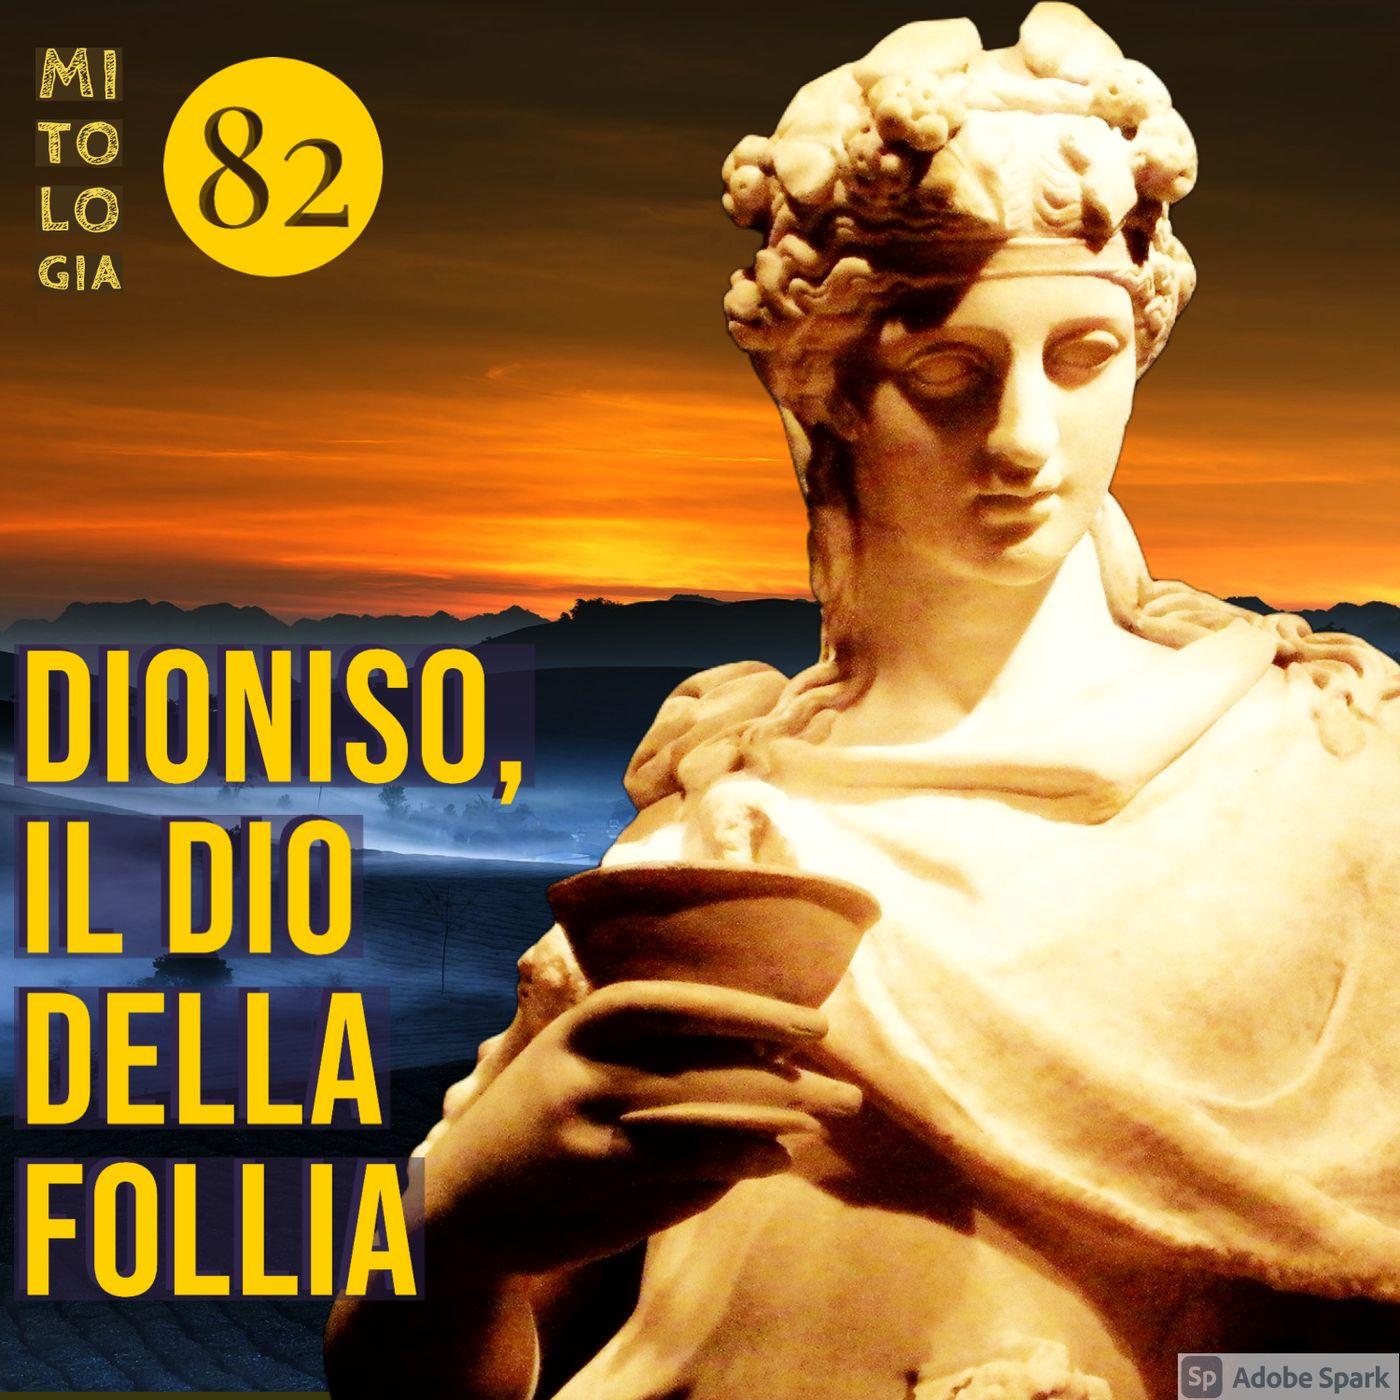 Dioniso, dio dell'ebbrezza e della follia